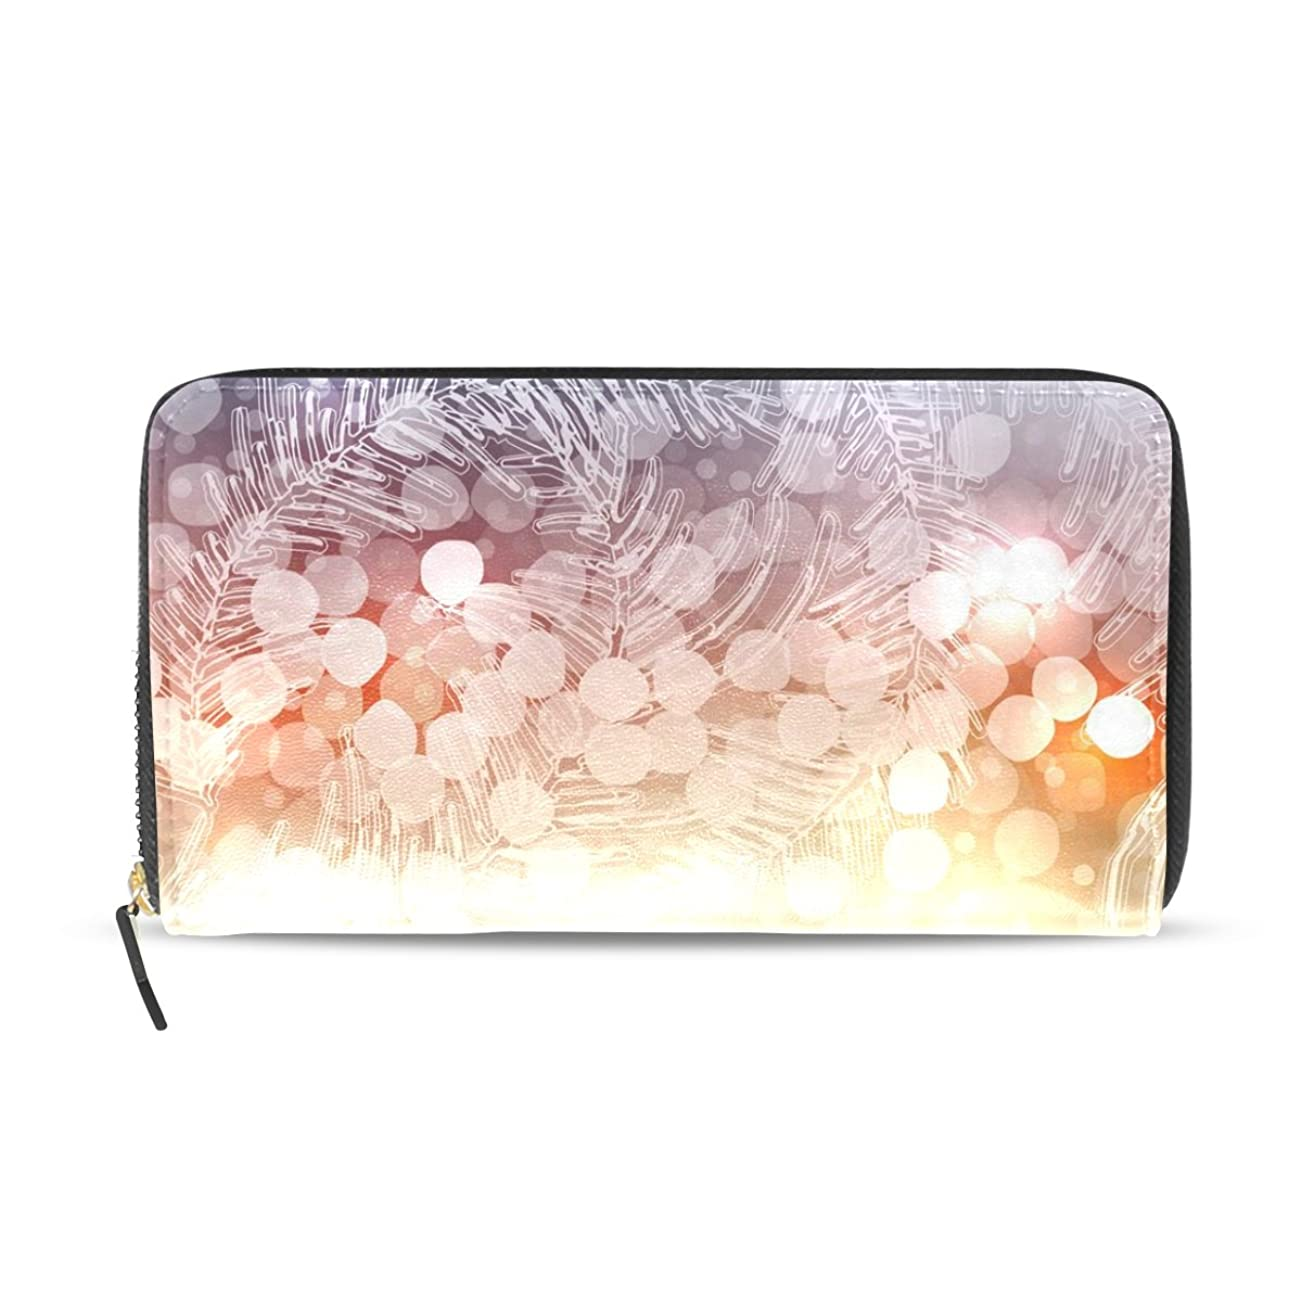 不十分な覚えている専門用語GORIRA(ゴリラ) クリスマスの光 長財布 レディース PU ダブルサイド印刷 ァスナー開閉式 ウォレット